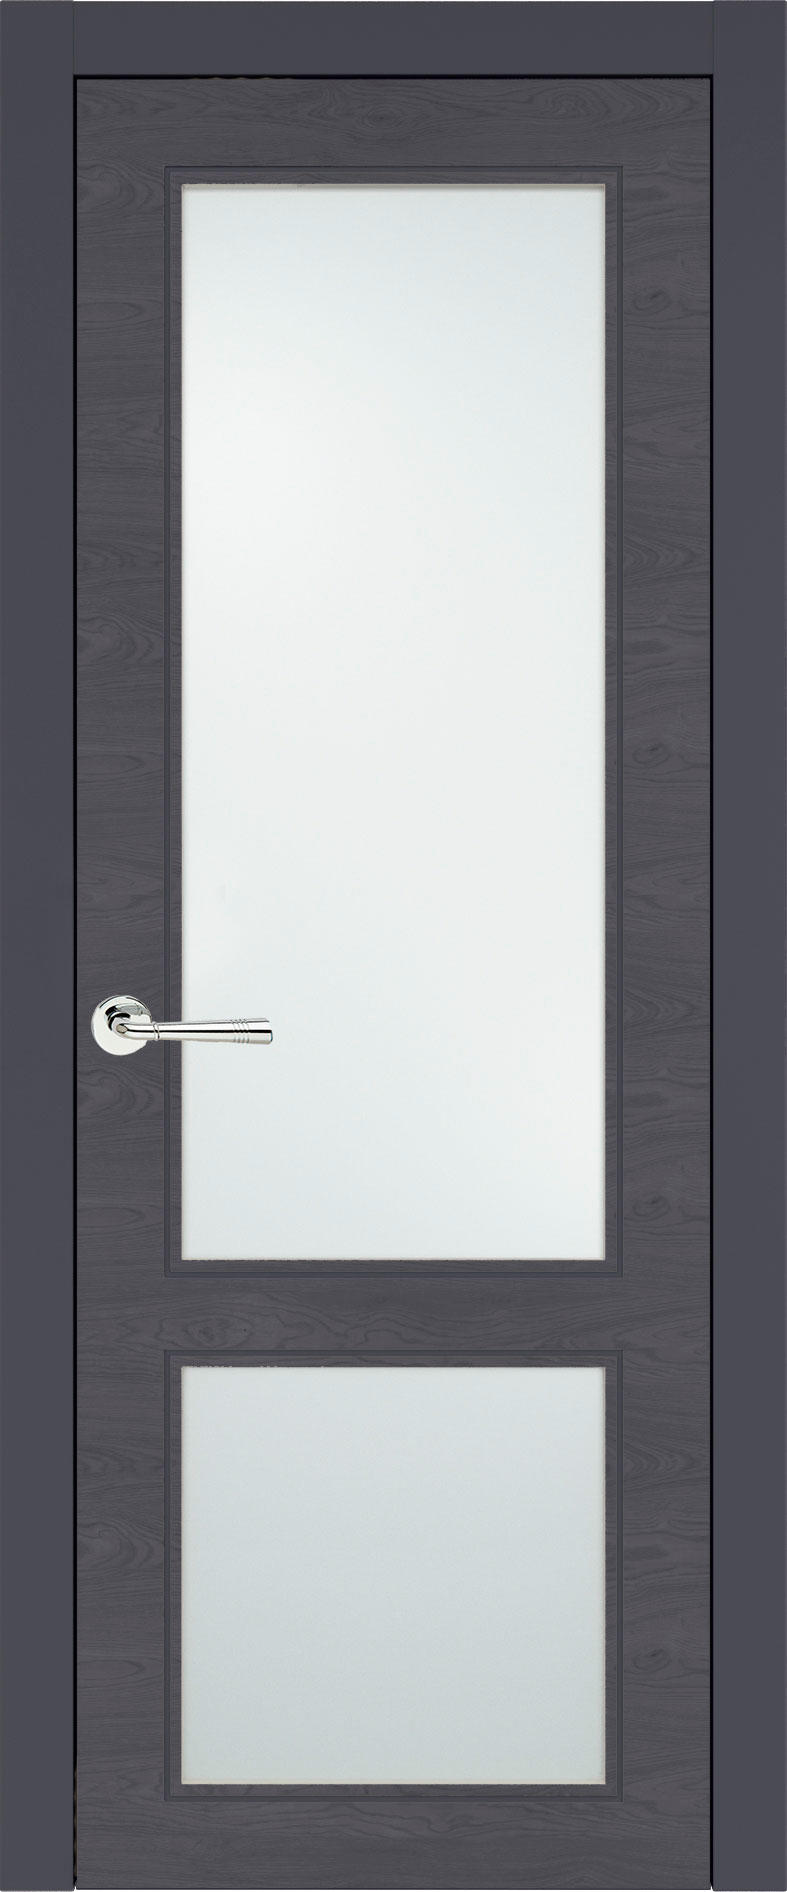 Dinastia Neo Classic цвет - Графитово-серая эмаль по шпону (RAL 7024) Со стеклом (ДО)